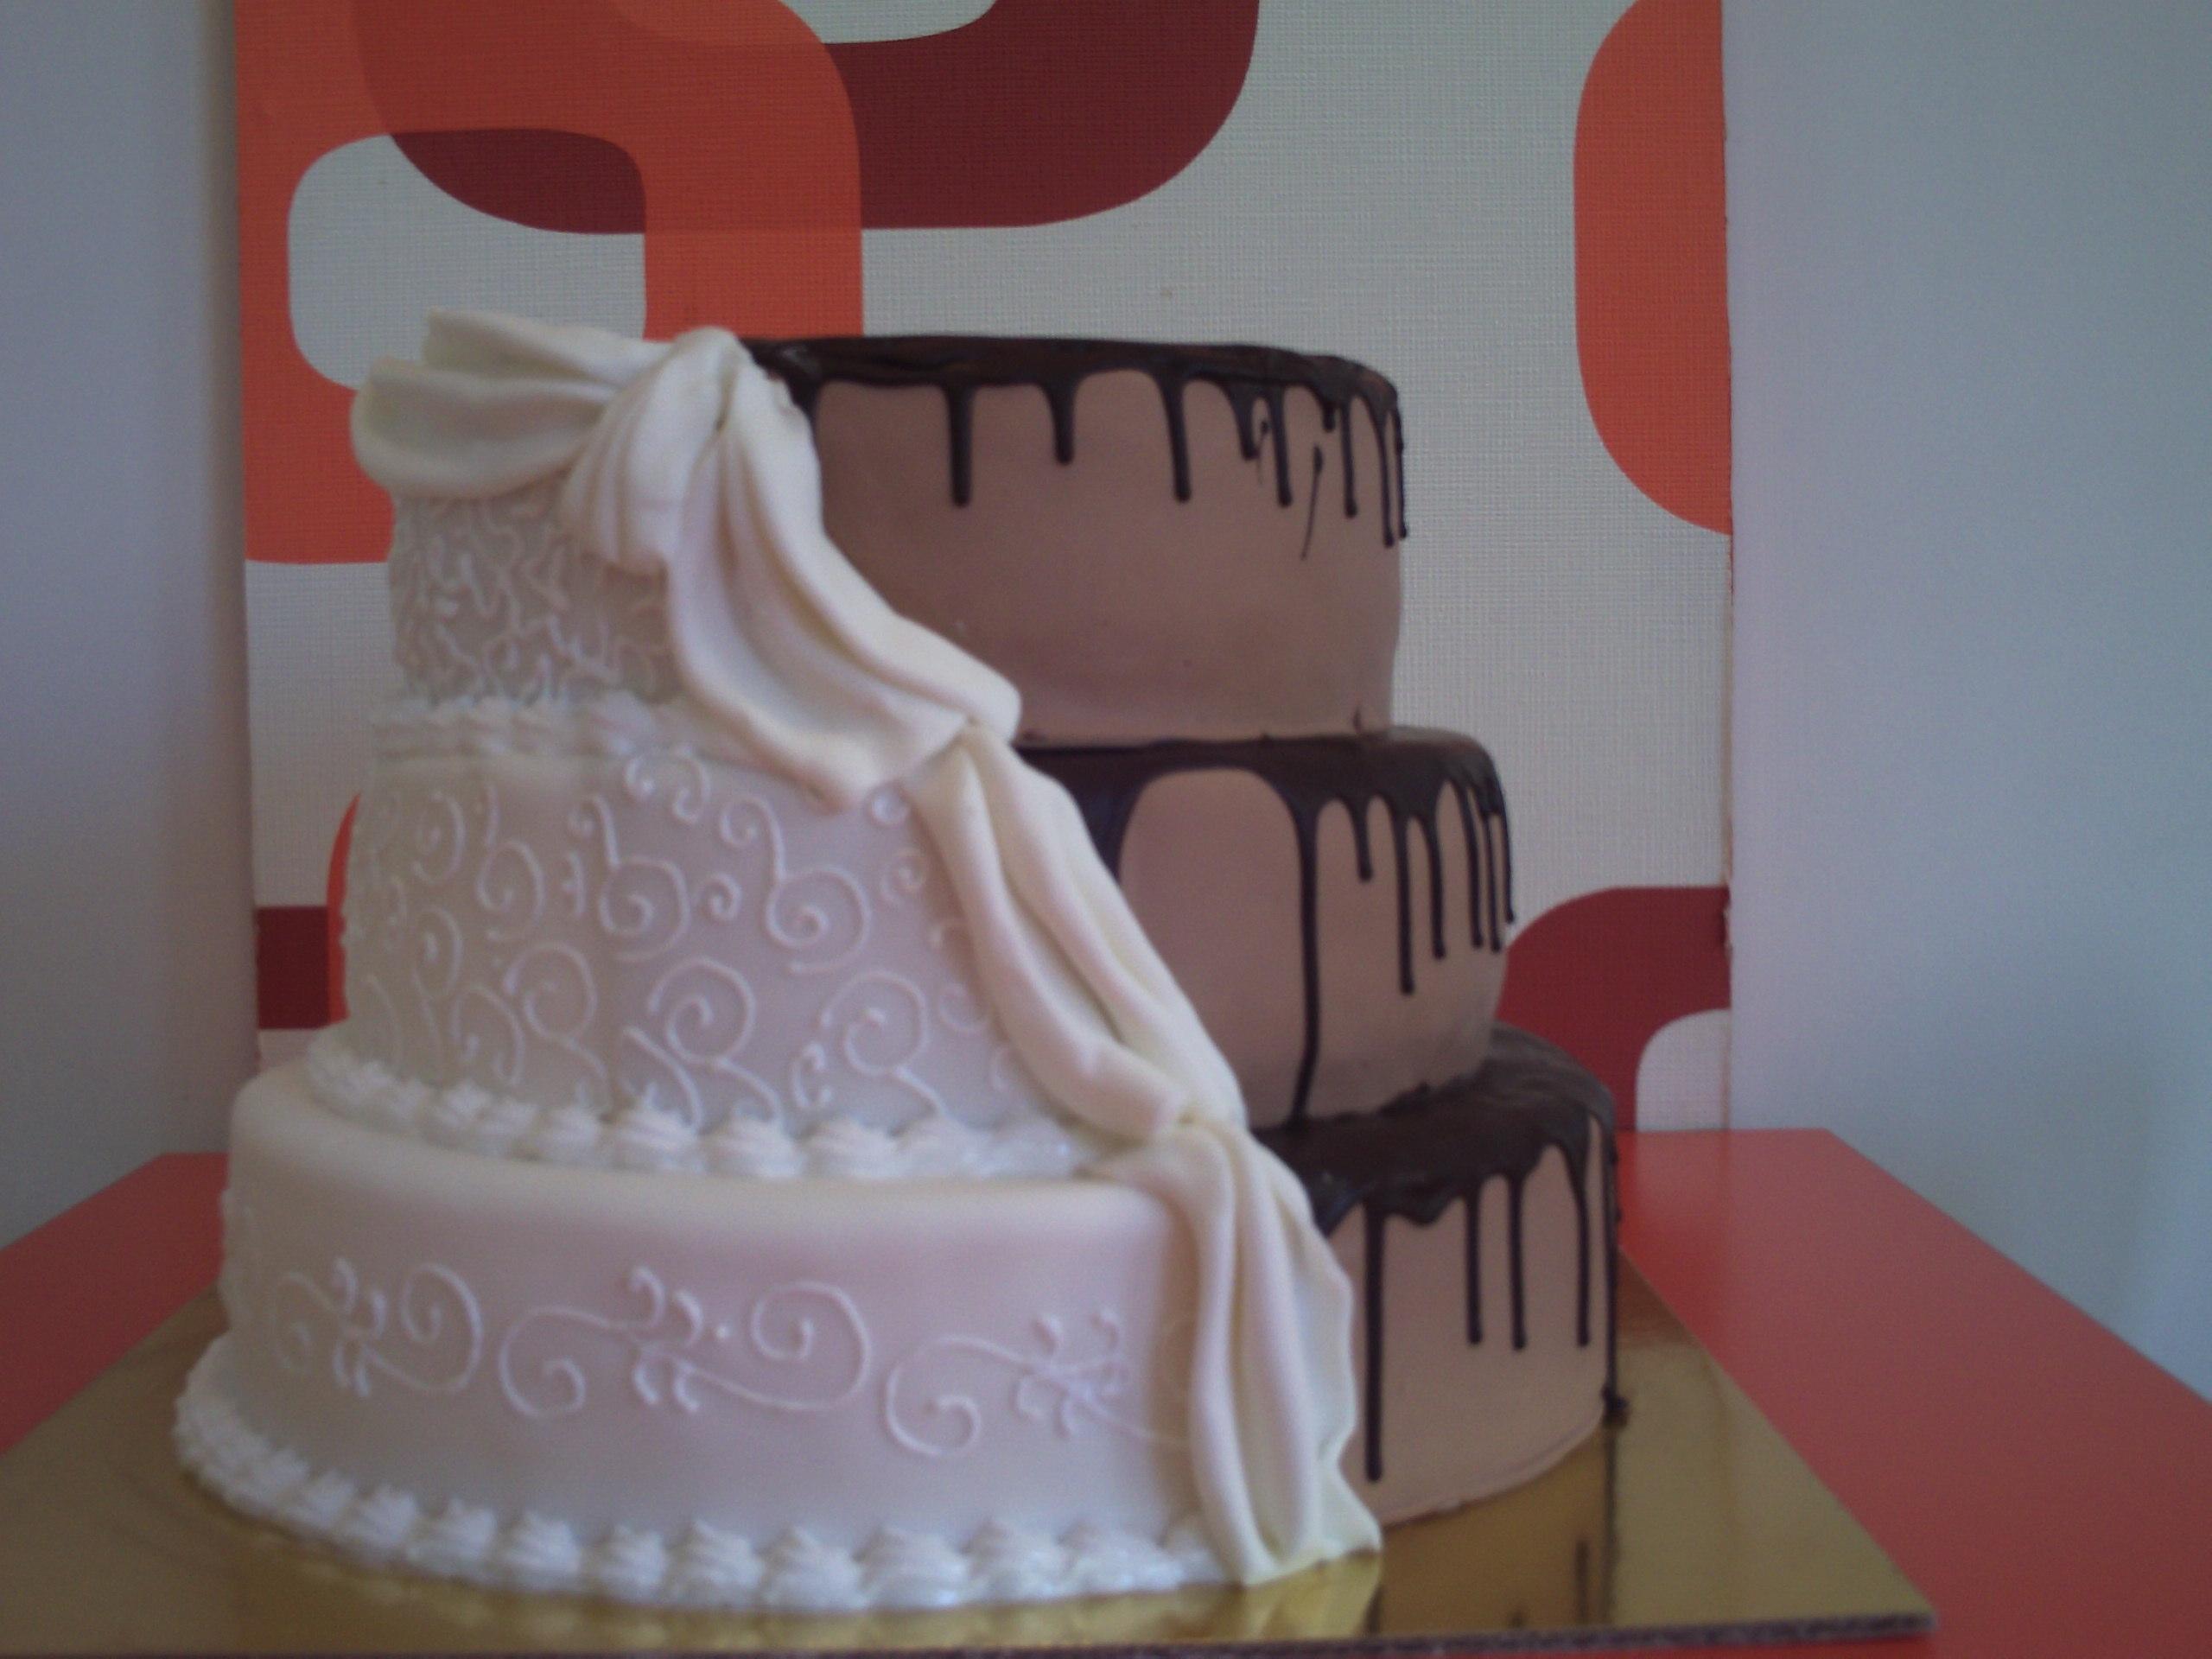 egyedi esküvői torta Légy egyedi!   Esküvői torta ajánlataink   Édességek tárháza   Art  egyedi esküvői torta